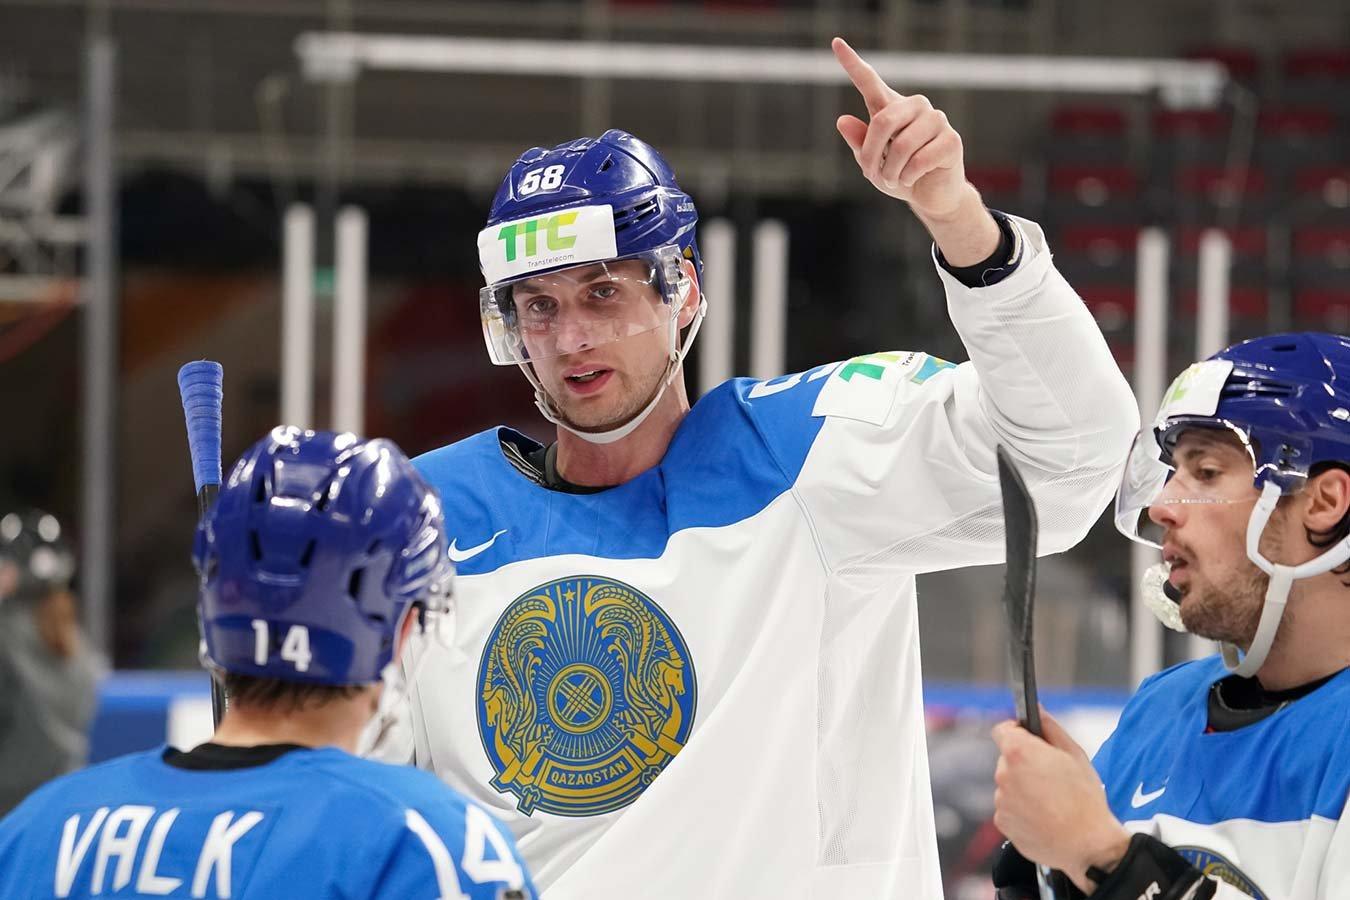 Сборная Казахстана лишилась шансов на выход в плей-офф чемпионата мира по хоккею